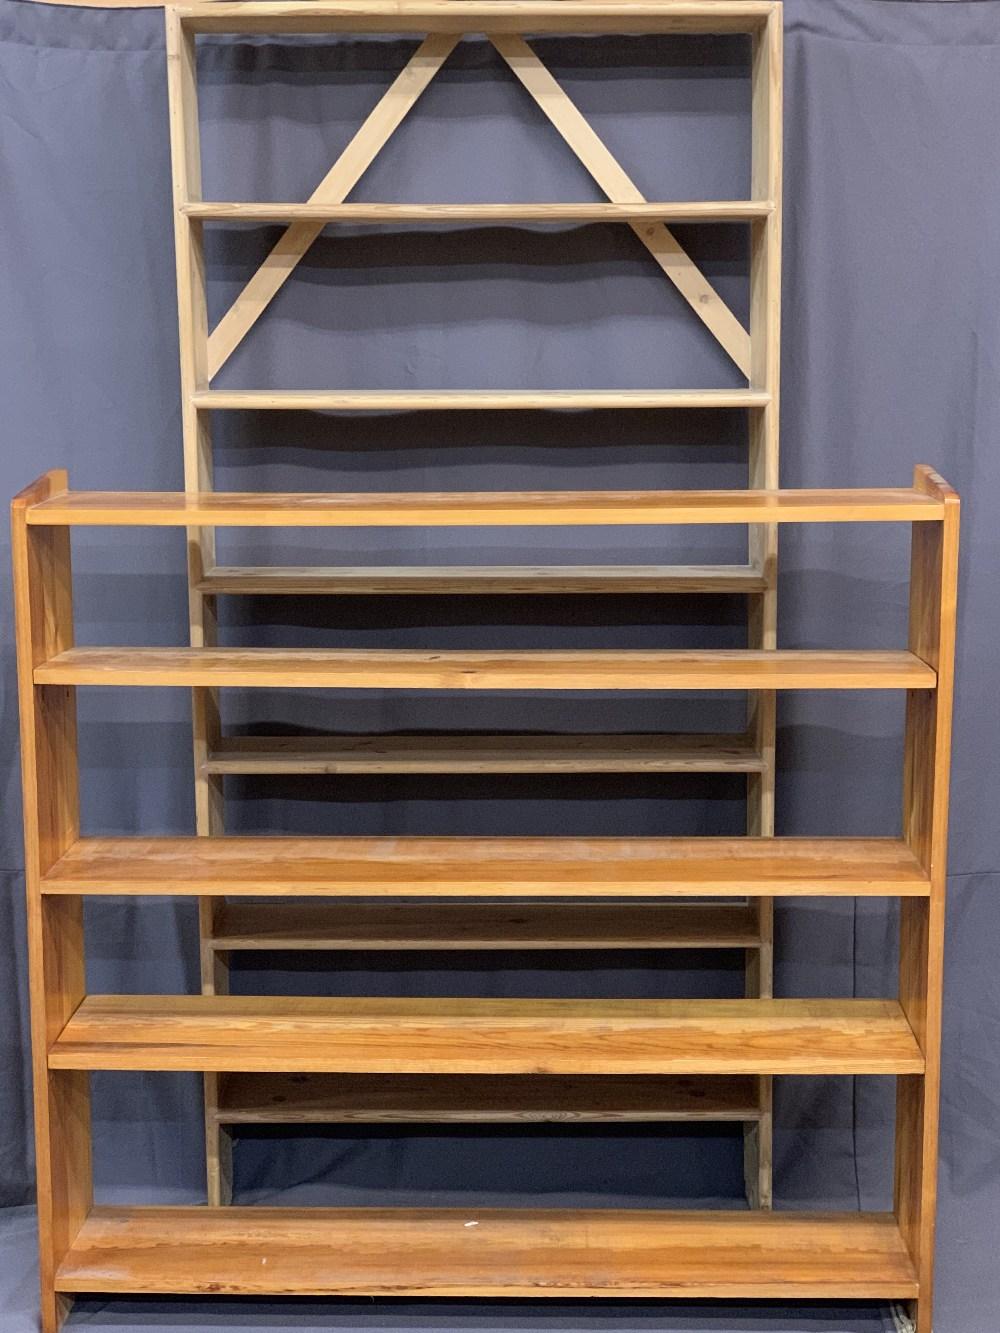 PINE BOOKCASES (2) -195cms H, 92cms W, 20cms D and 127cms H, 131cms W, 26cms D